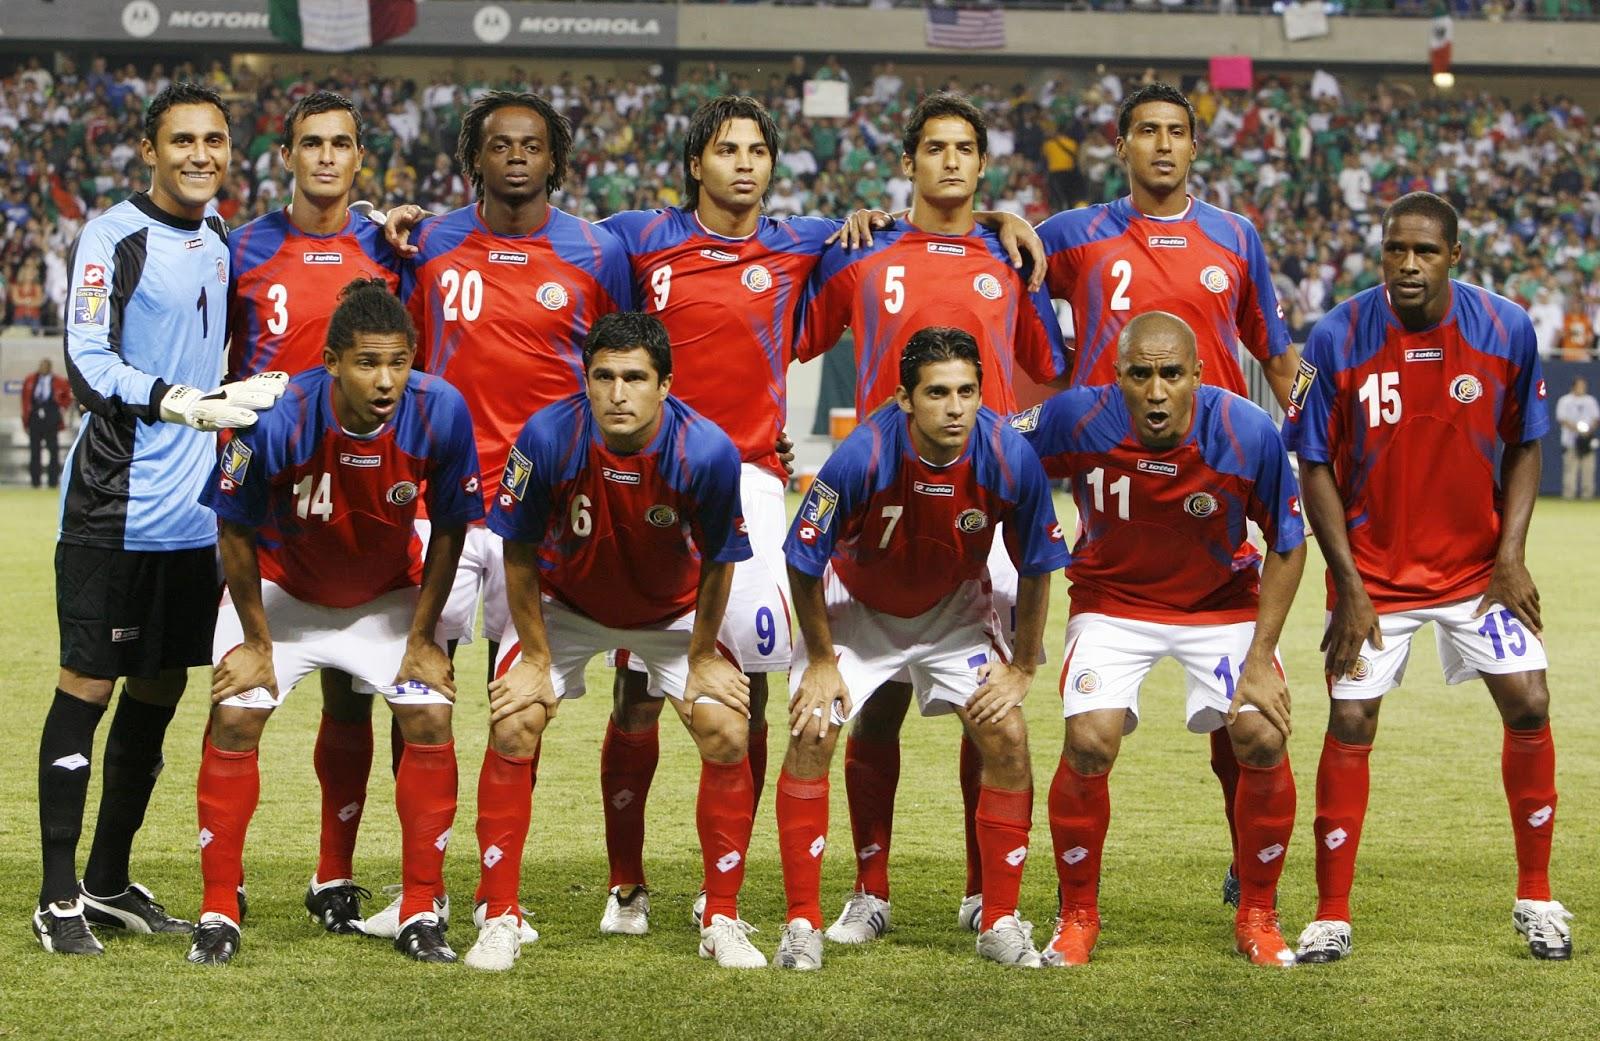 10 Datos Curiosos del Mundial de Futbol Brasil 2014